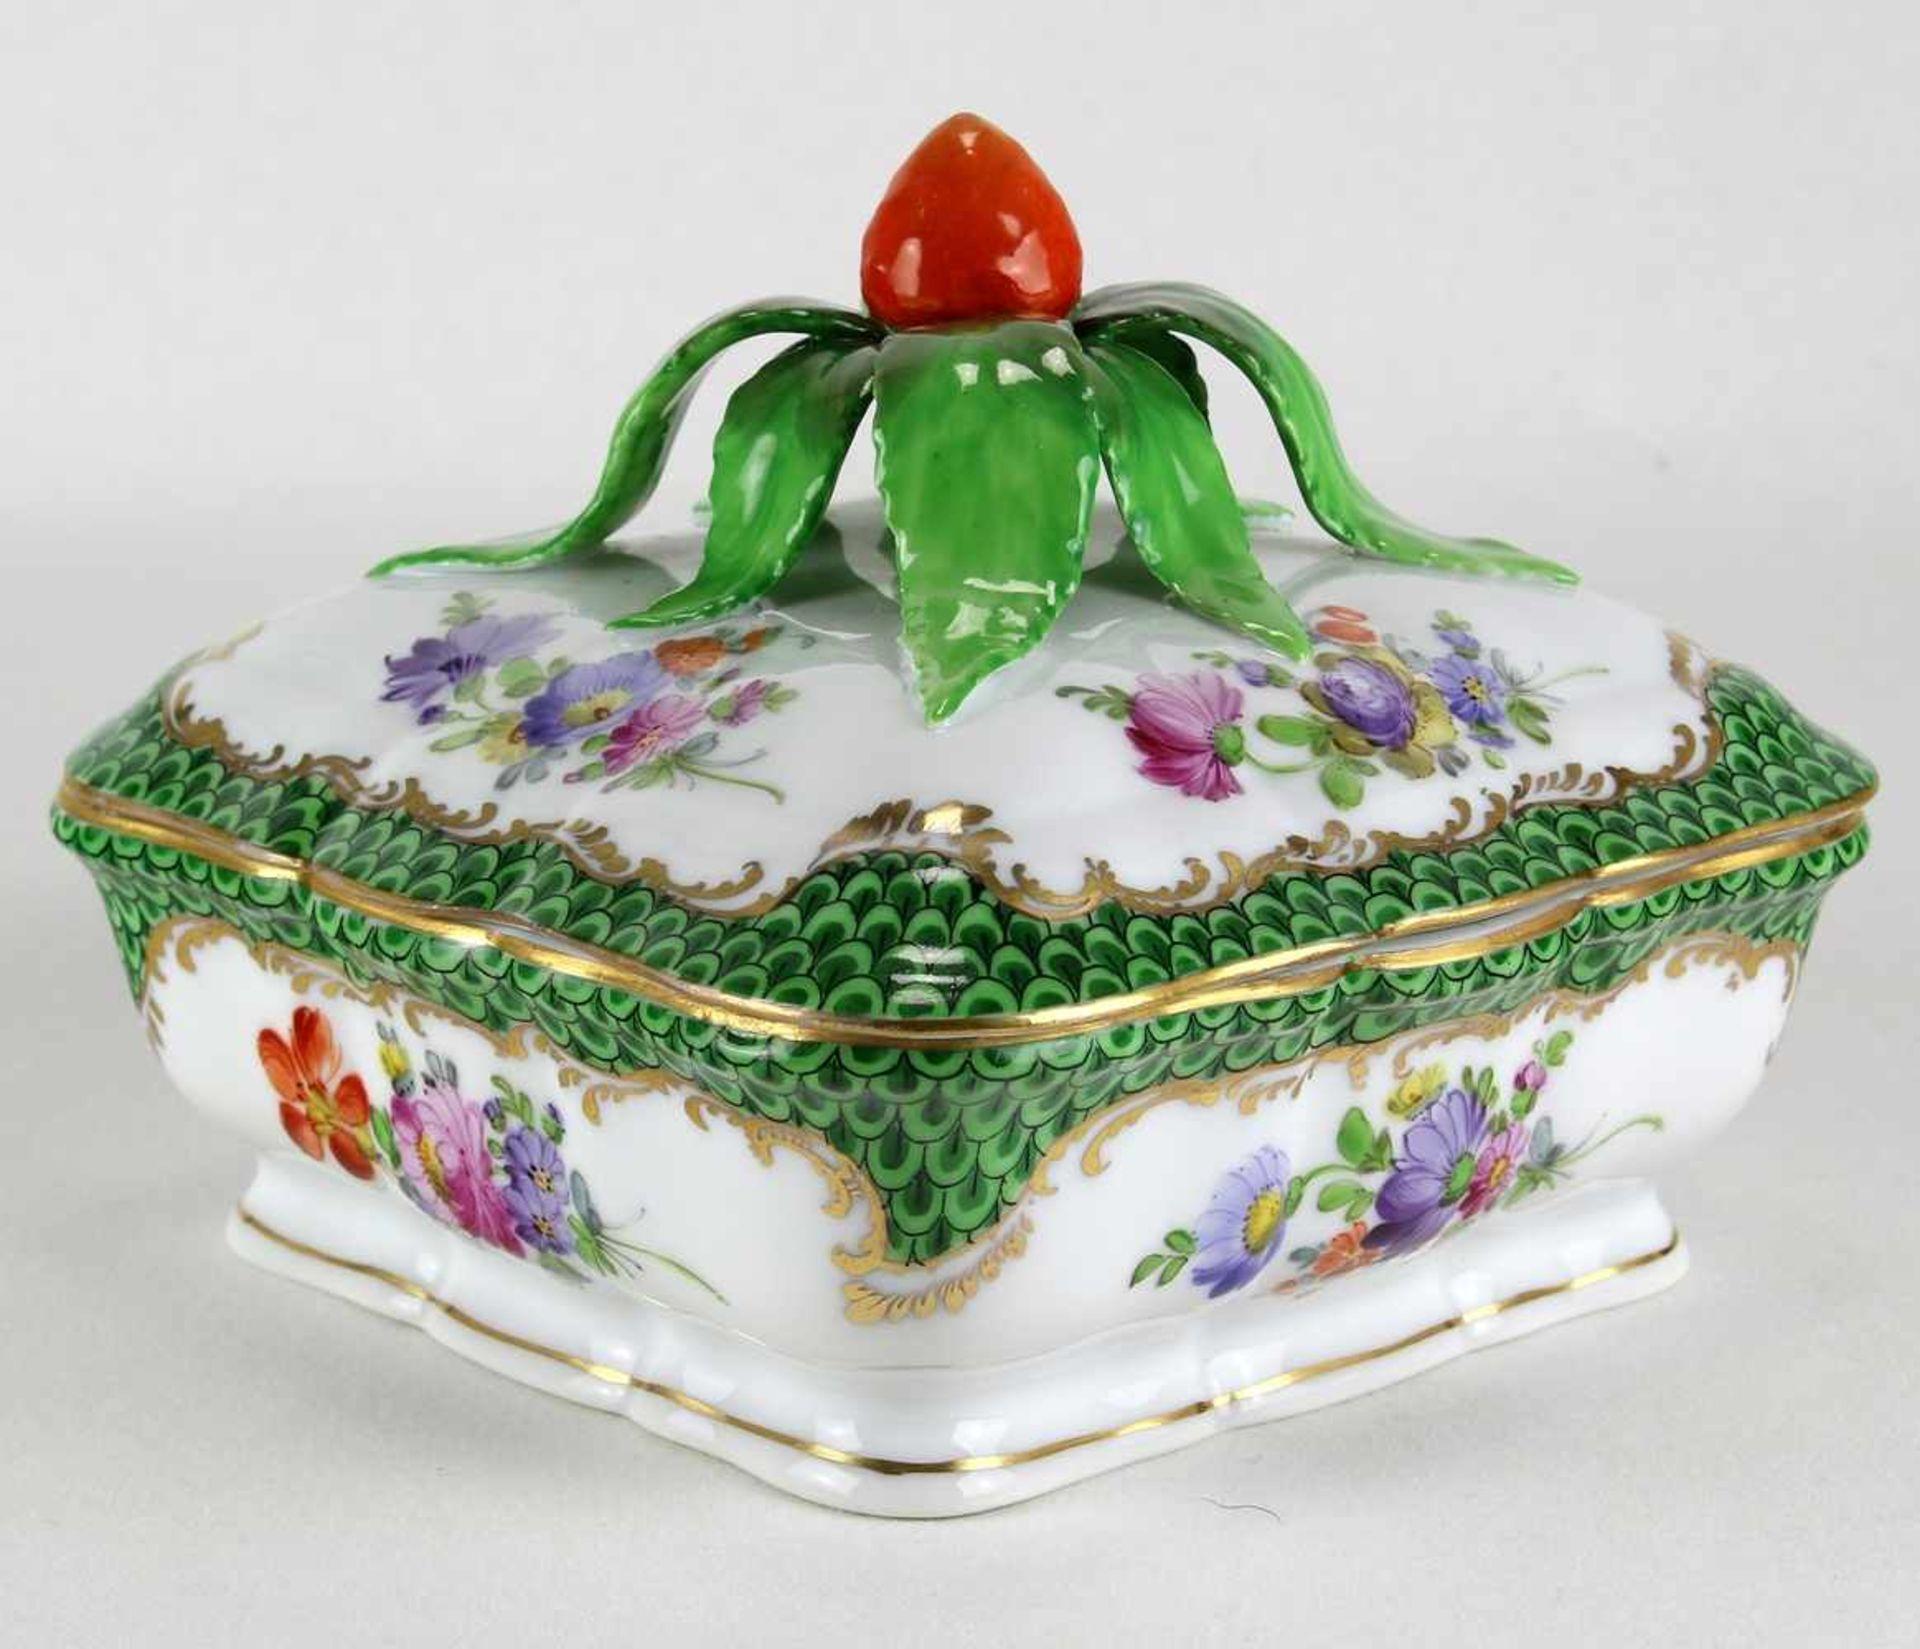 DeckeldoseNymphenburg 20. Jh. Porzellan mit reichem Blumendekor und Goldrändern. Deckelknauf in Form - Bild 2 aus 3